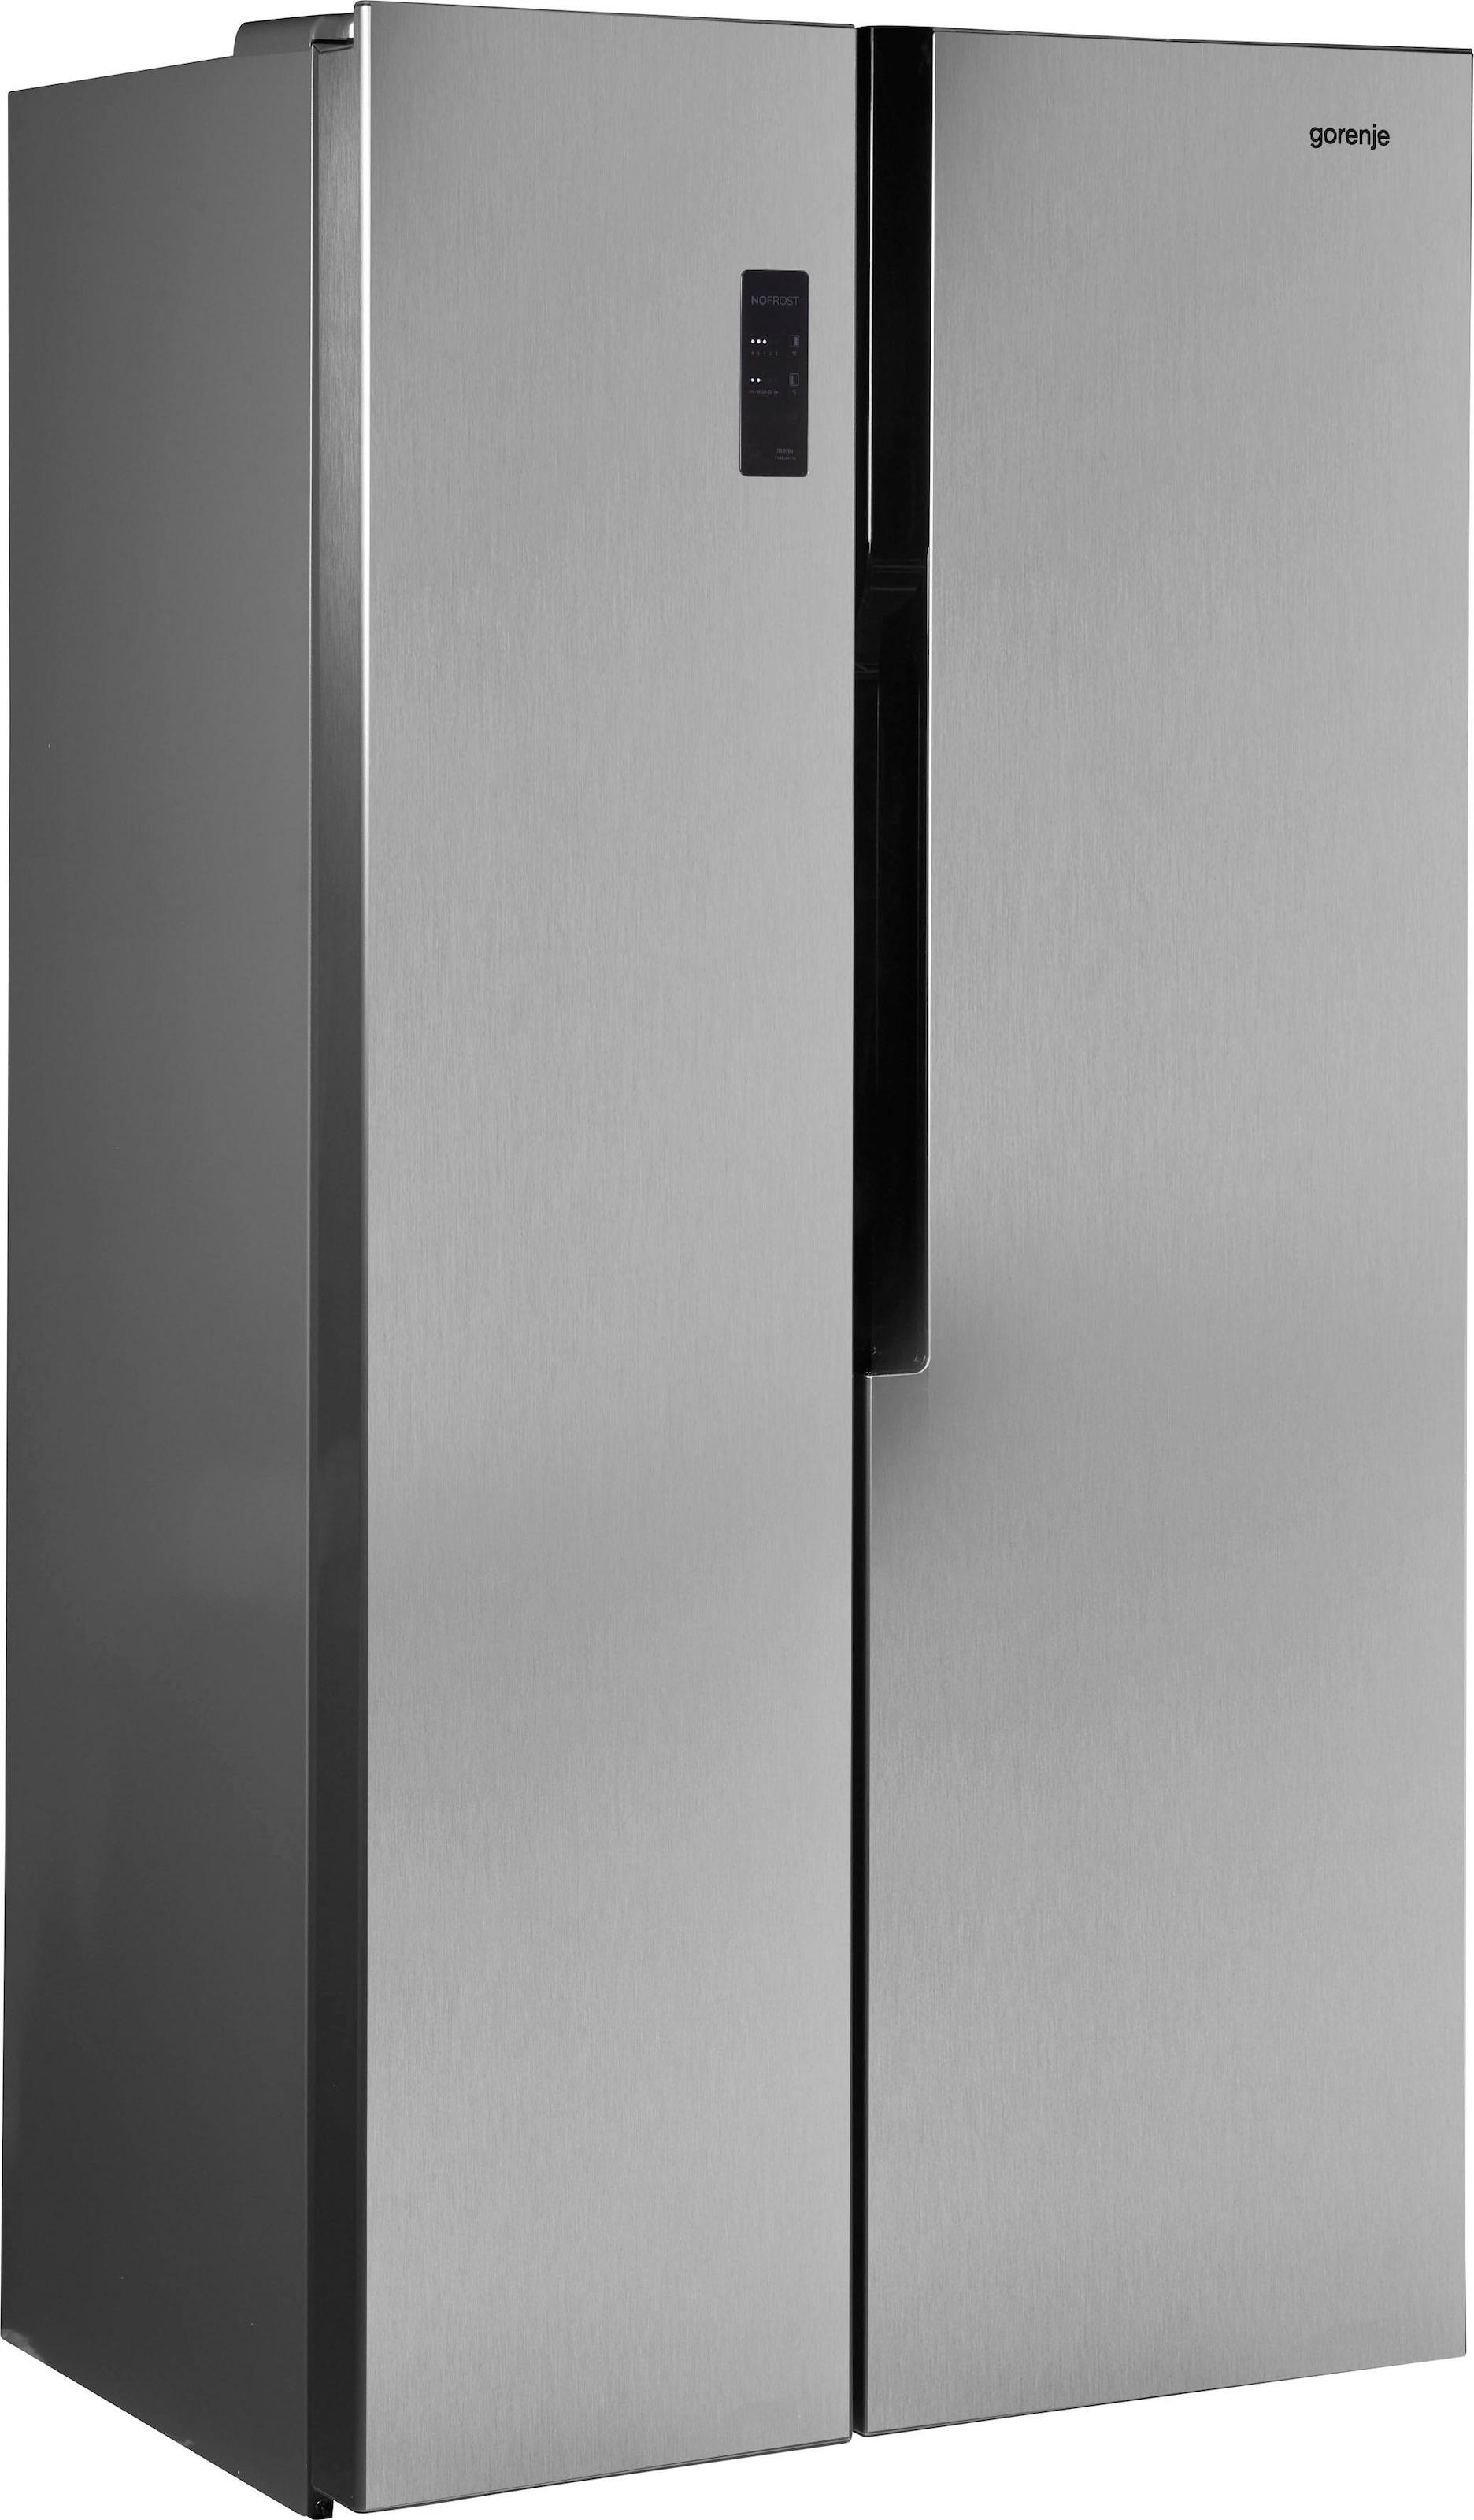 Side By Side Kühlschrank Abstand Wand : Side by side kühlschrank auf rechnung raten kaufen